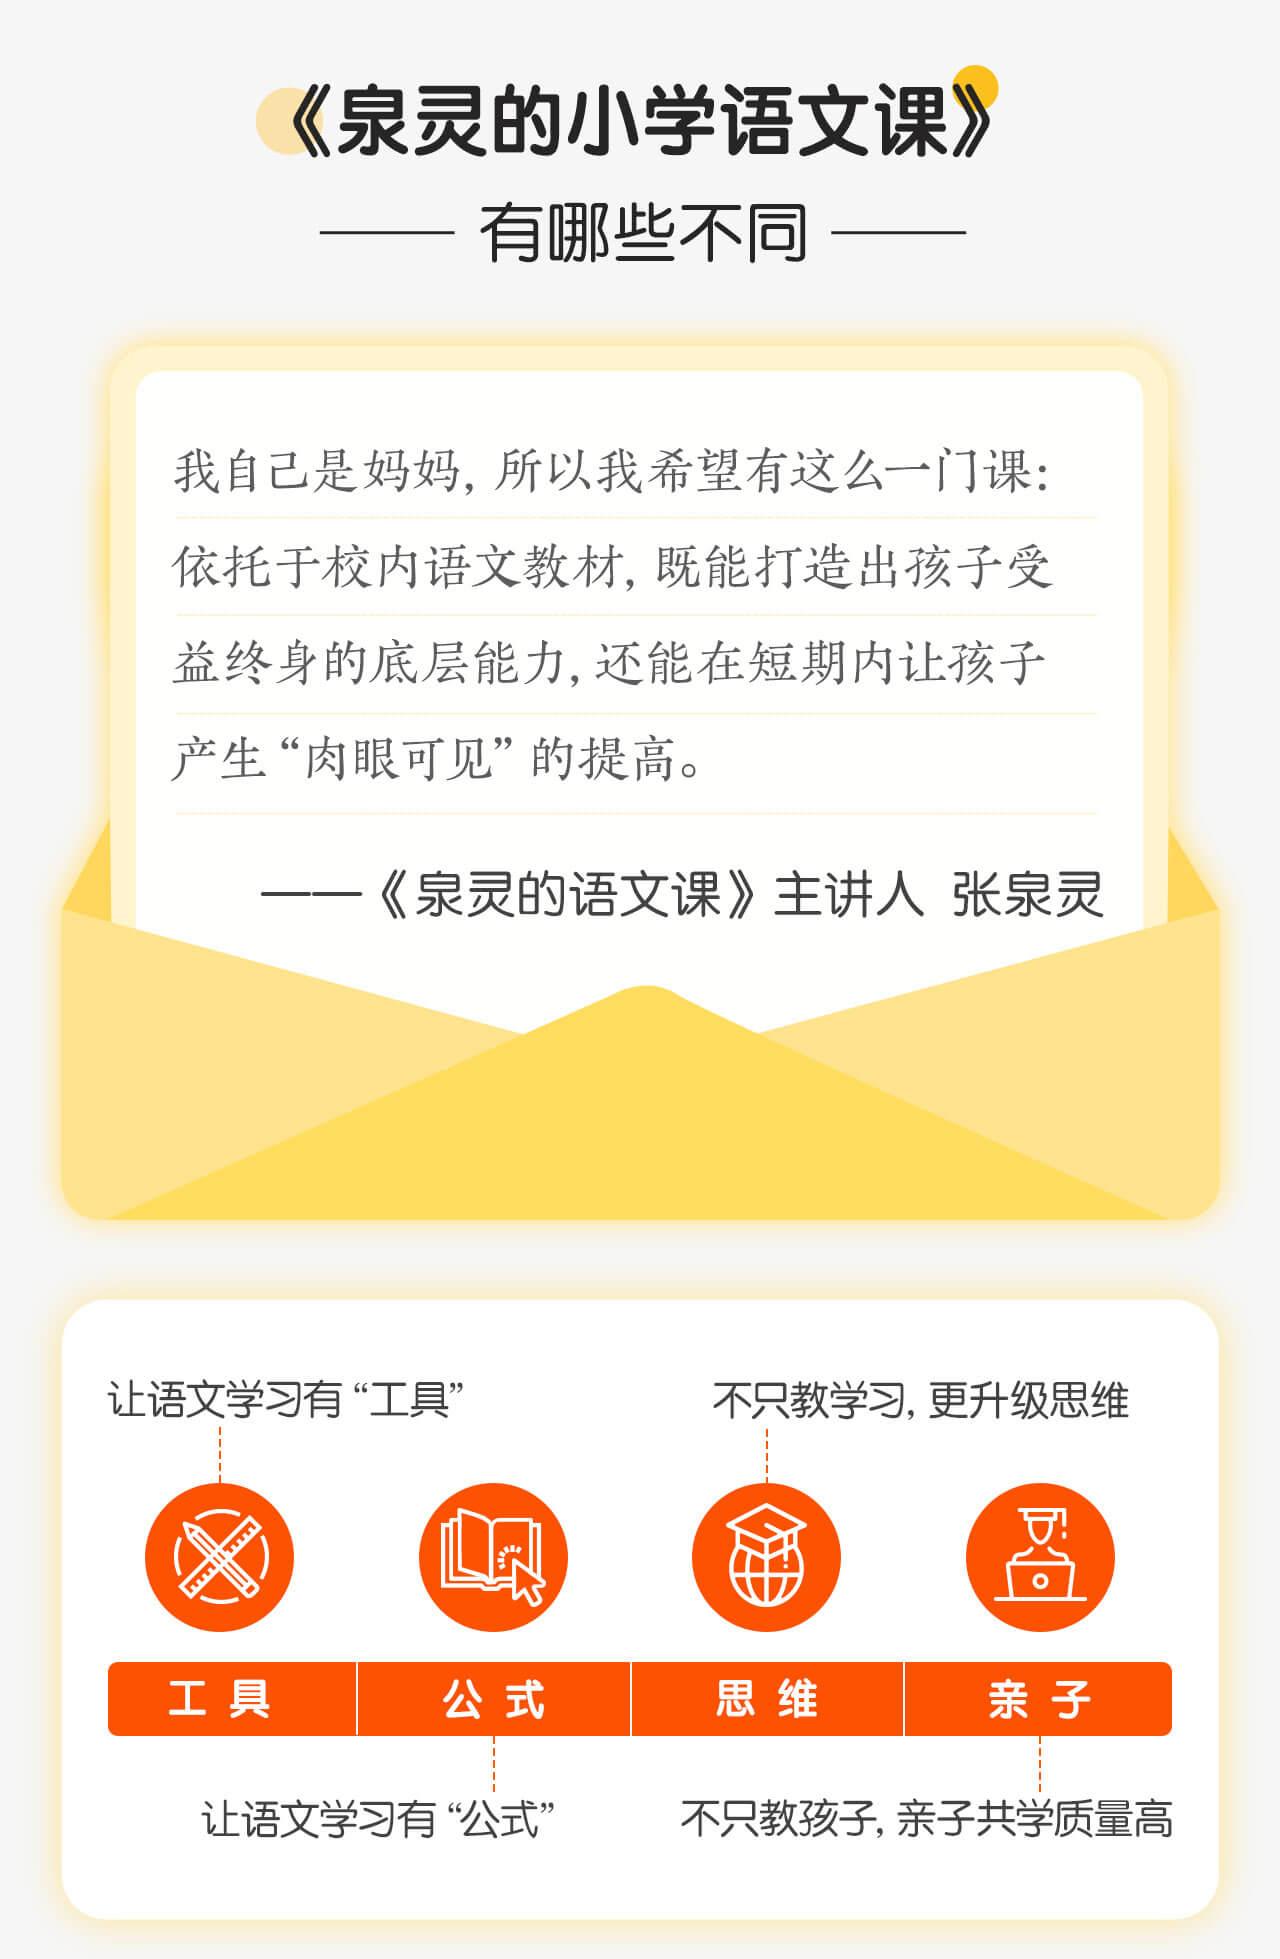 【完结】少年得到《一年级泉灵的语文课2020春季班》百度网盘云盘视频全集下载